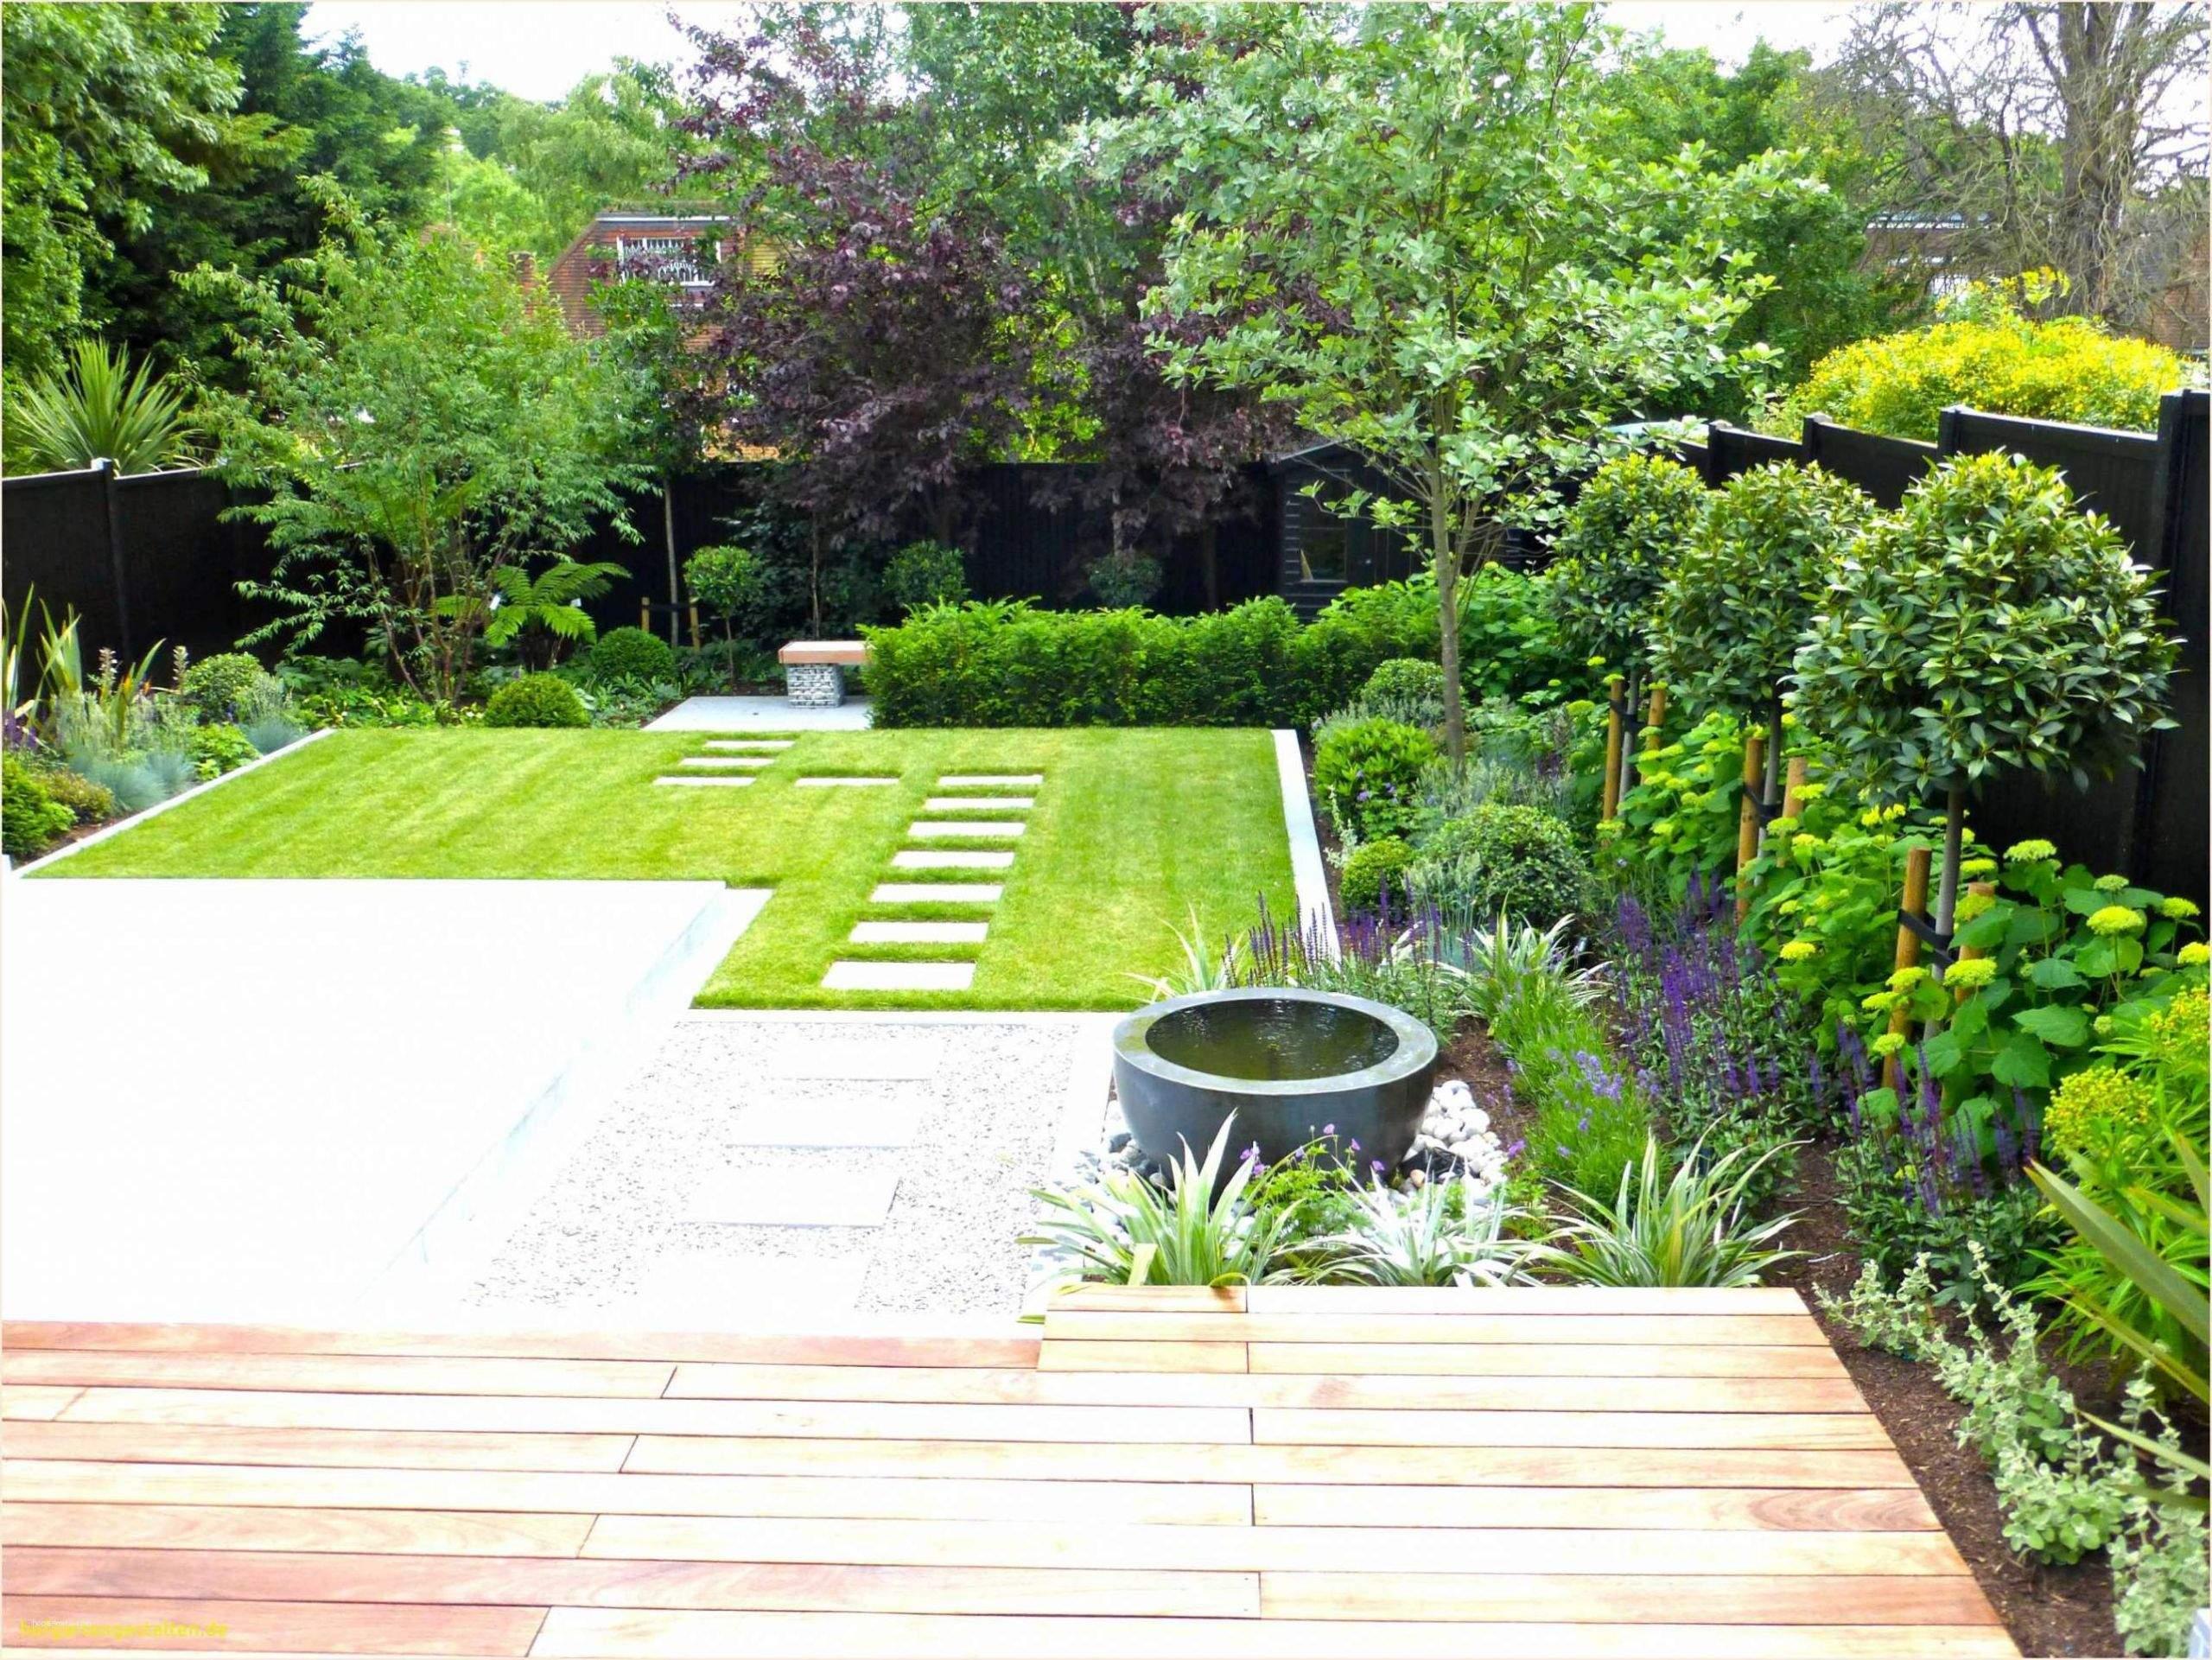 Feuerstelle Im Garten Genial 35 Elegant Feuerstelle Garten Reizend